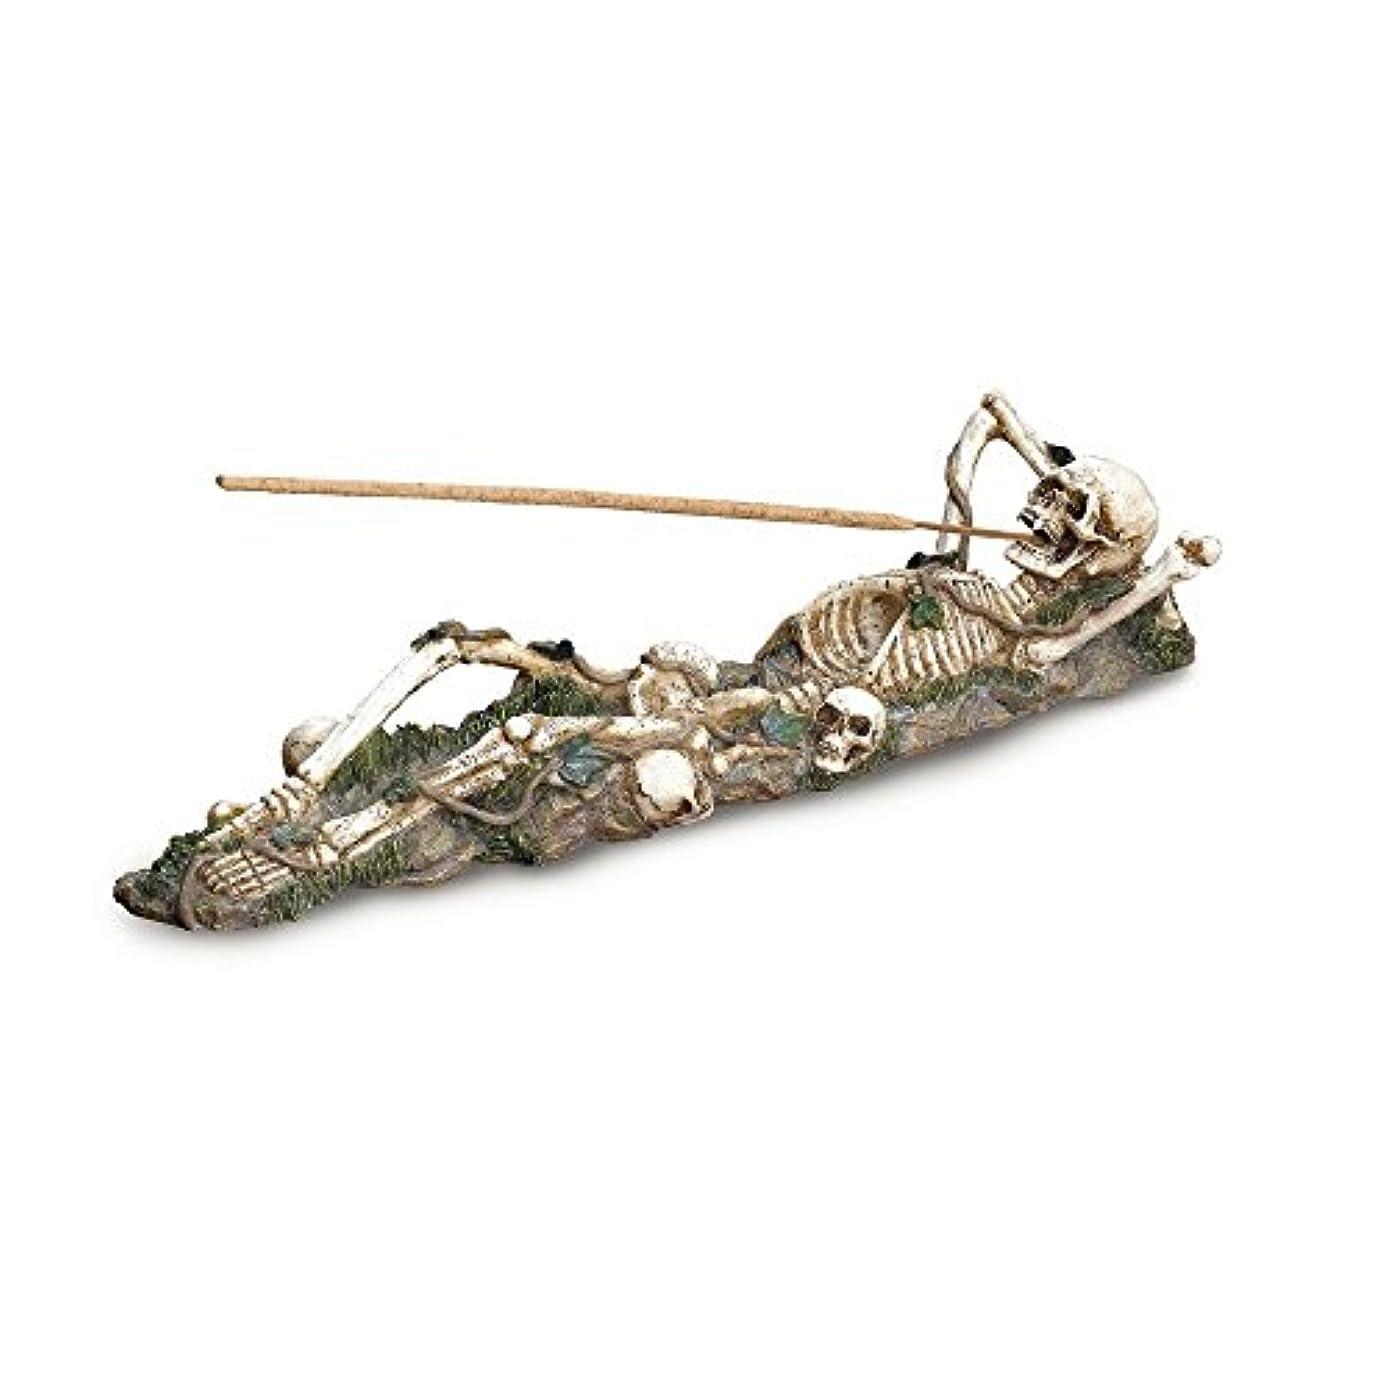 スリーブバリア途方もないGifts & Decor Skeleton Incense Burner Holder Collector Halloween Gift by Gifts & Decor